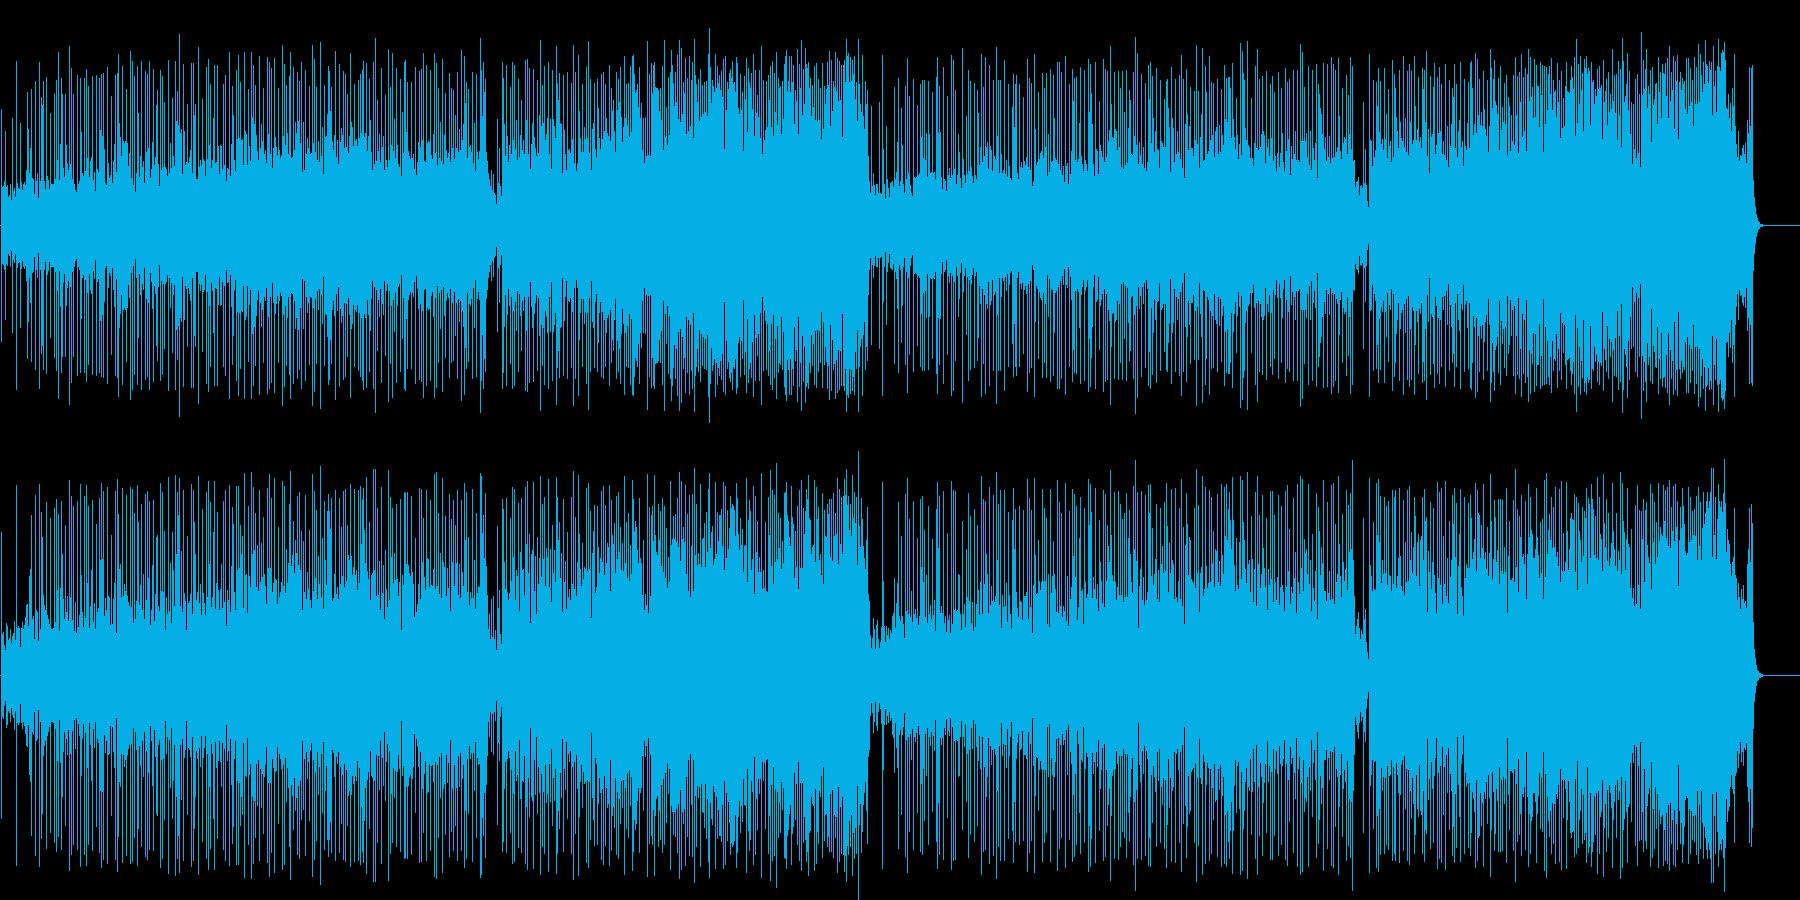 おどけた軽快なポップ(フルサイズ)の再生済みの波形